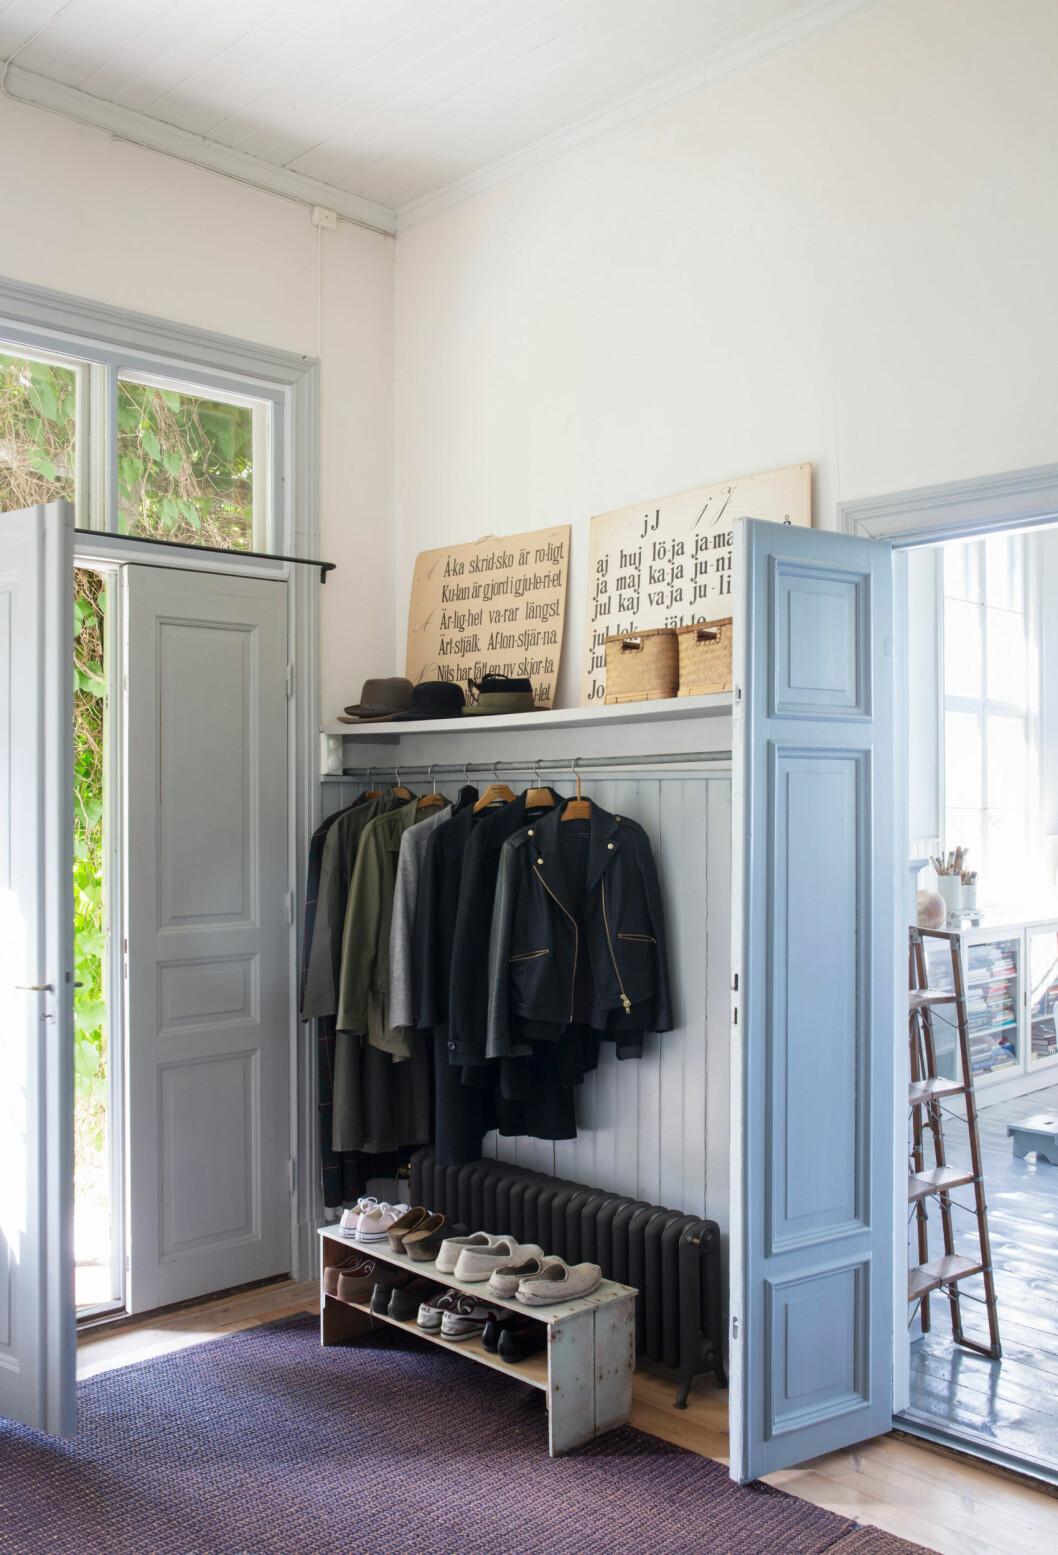 Hallen hos glaskonstnären Gunnel Sahlin, med kläder, skor och accessoarer välplacerade